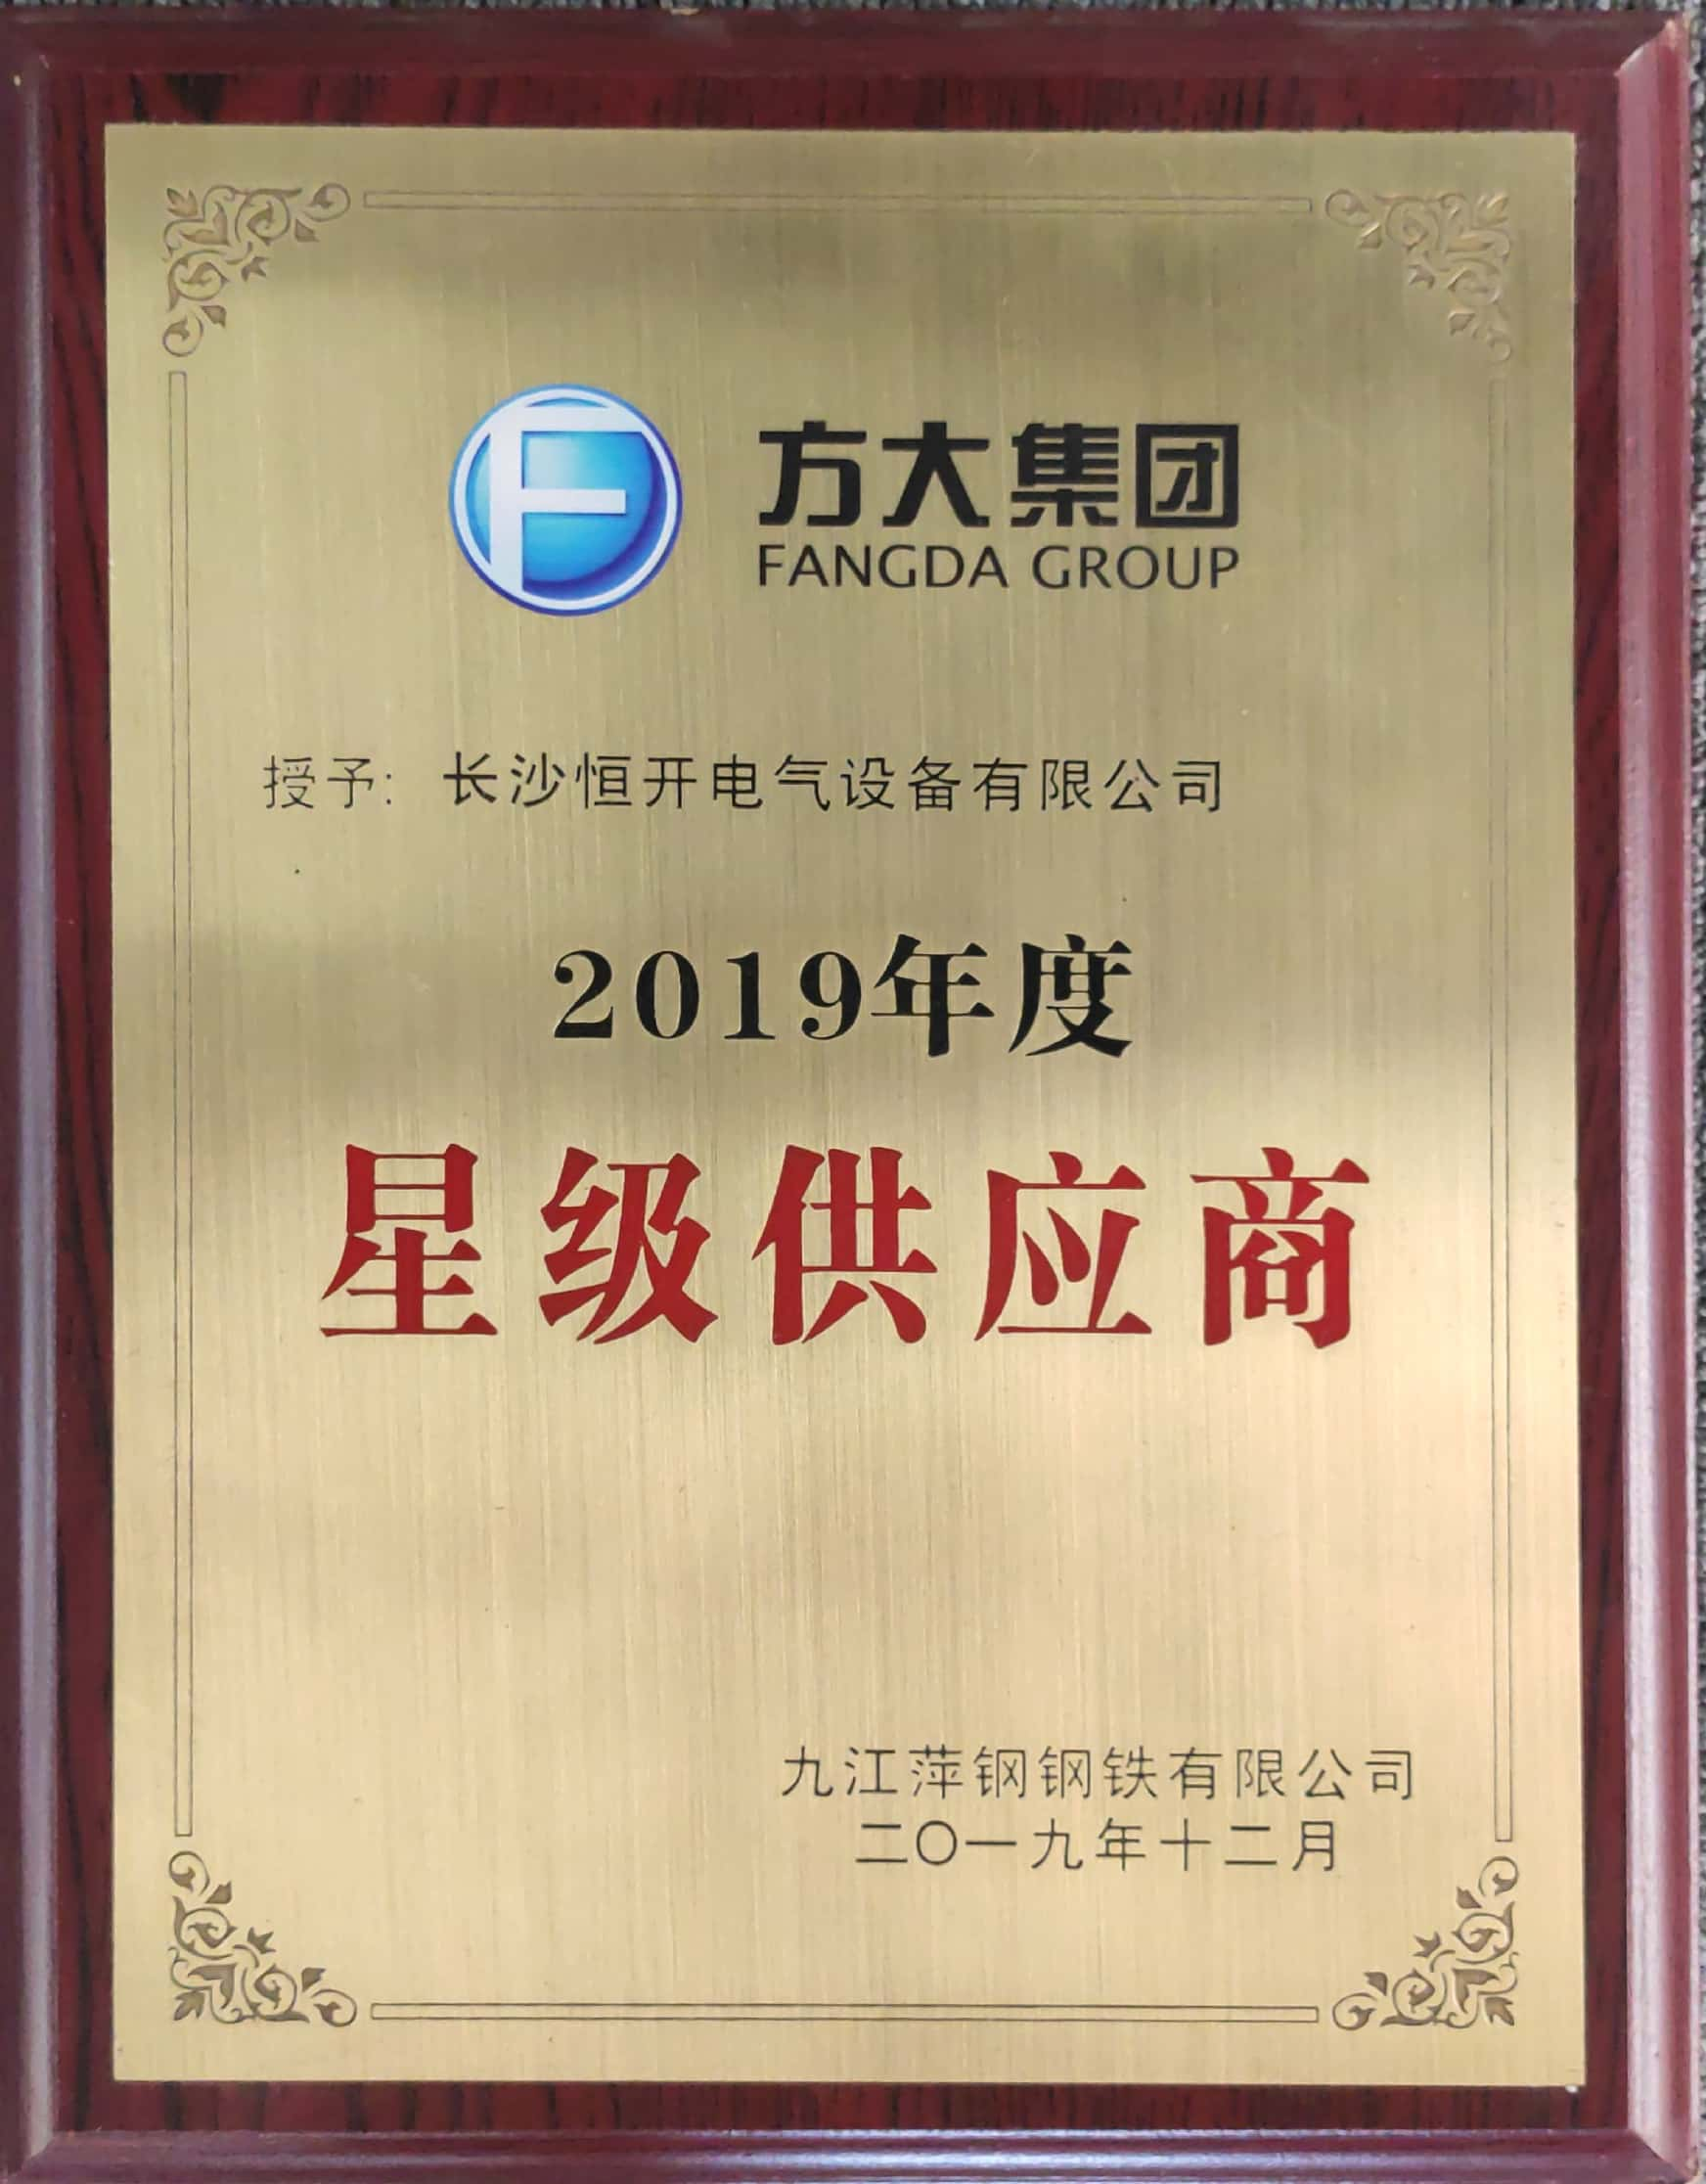 方大集团:2019年度星级供应商